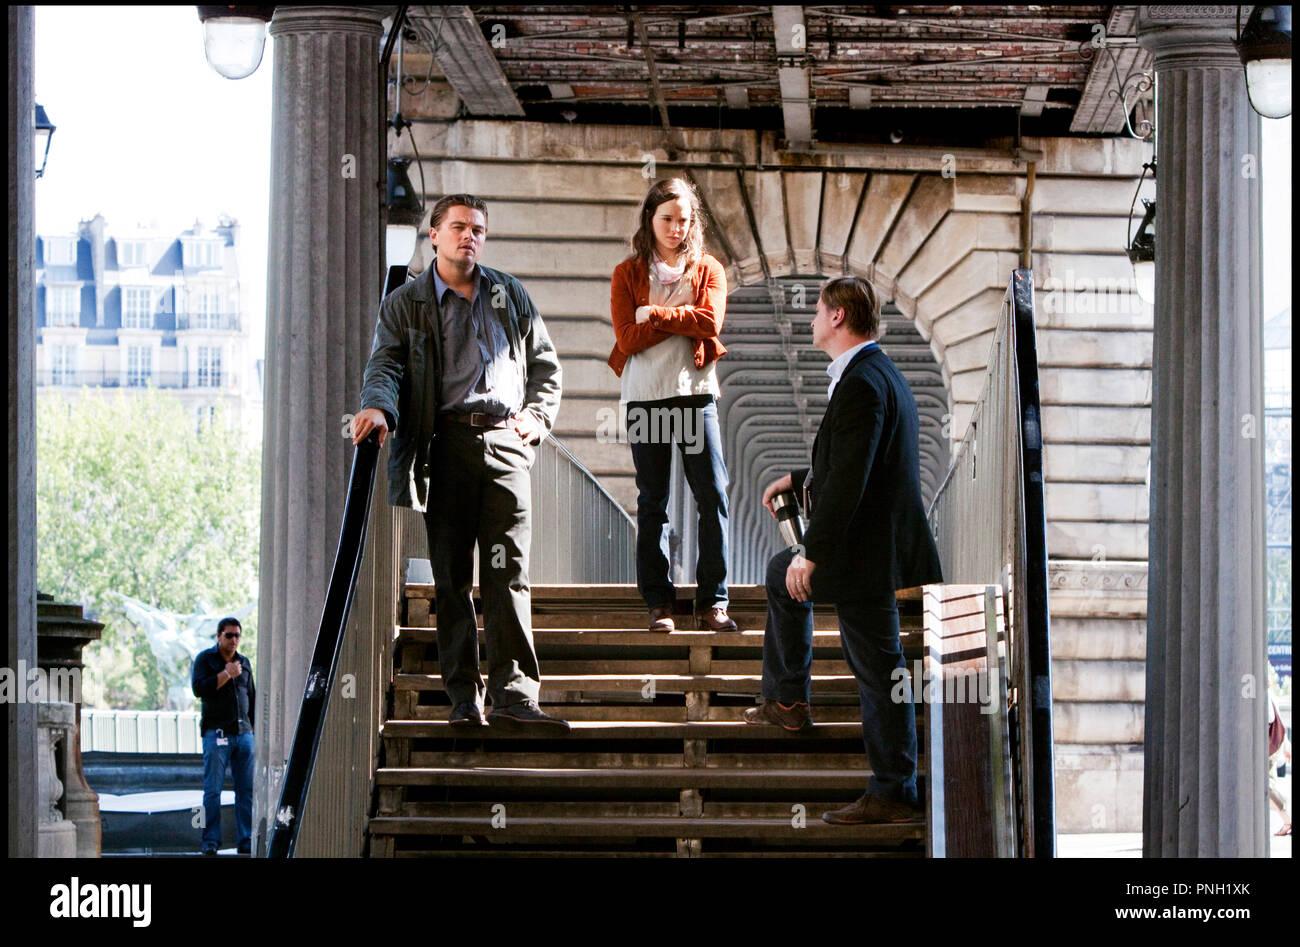 Prod DB © Warner Bros. Pictures - Legendary Pictures / DR INCEPTION de Christopher Nolan 2010 USA avec Leonardo DiCaprio, Ellen Page et Christopher Nolan sur le tournage métro aerien, Paris, métro parisien - Stock Image